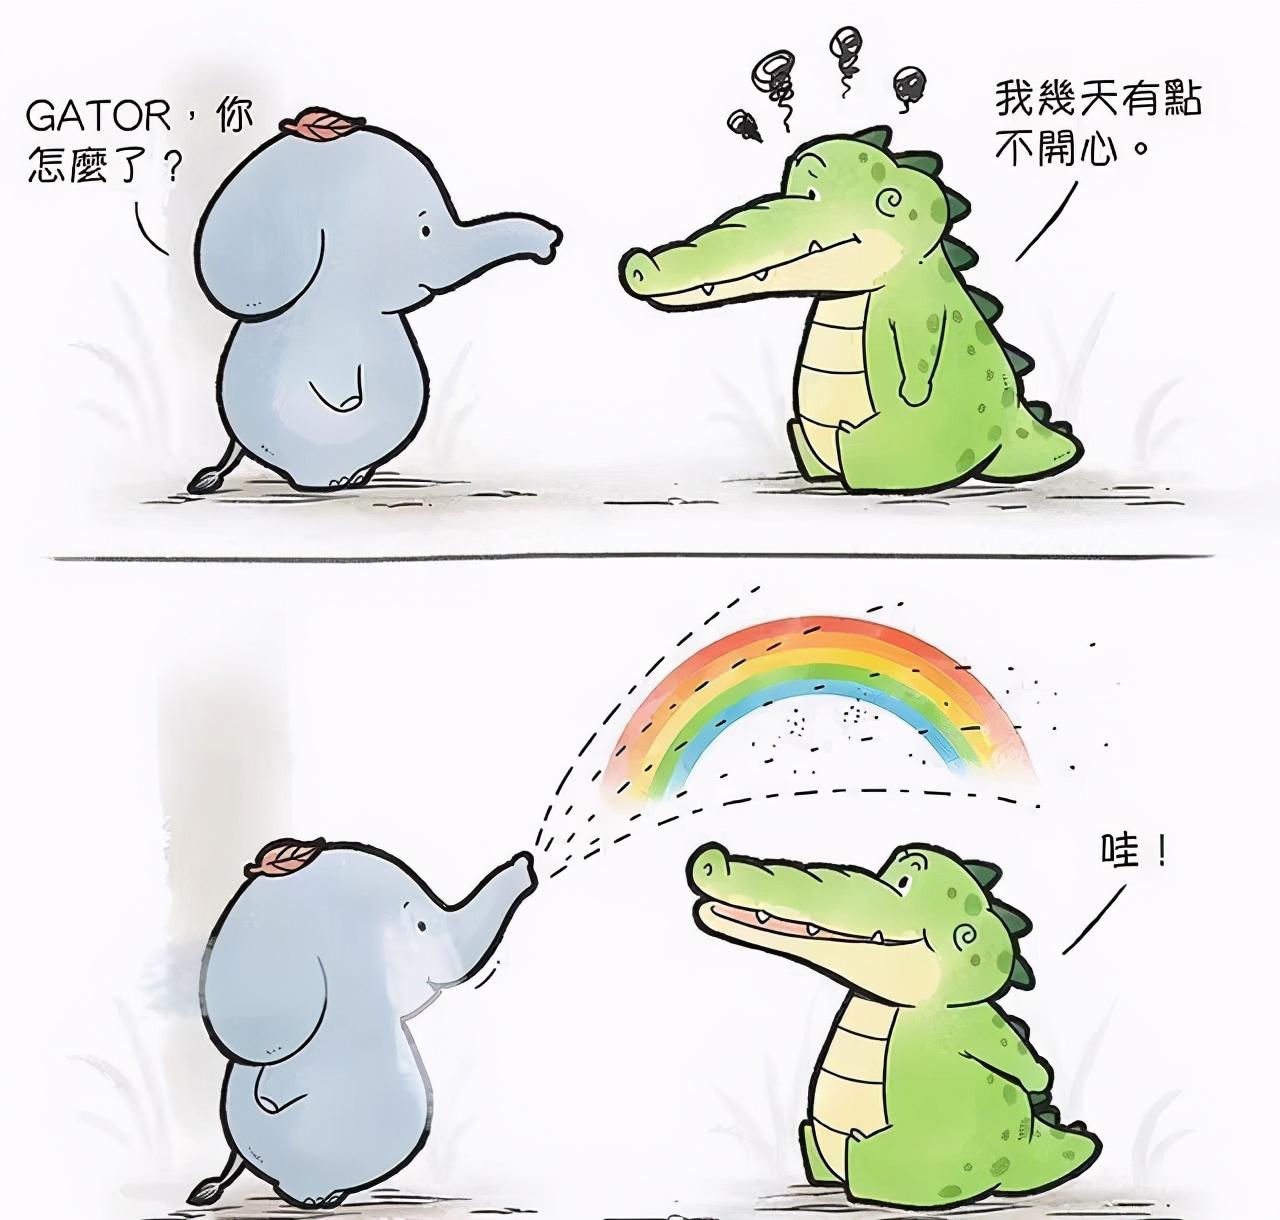 一組暖心的漫畫:快樂可以傳遞,紳士該怎麼接受幸福?